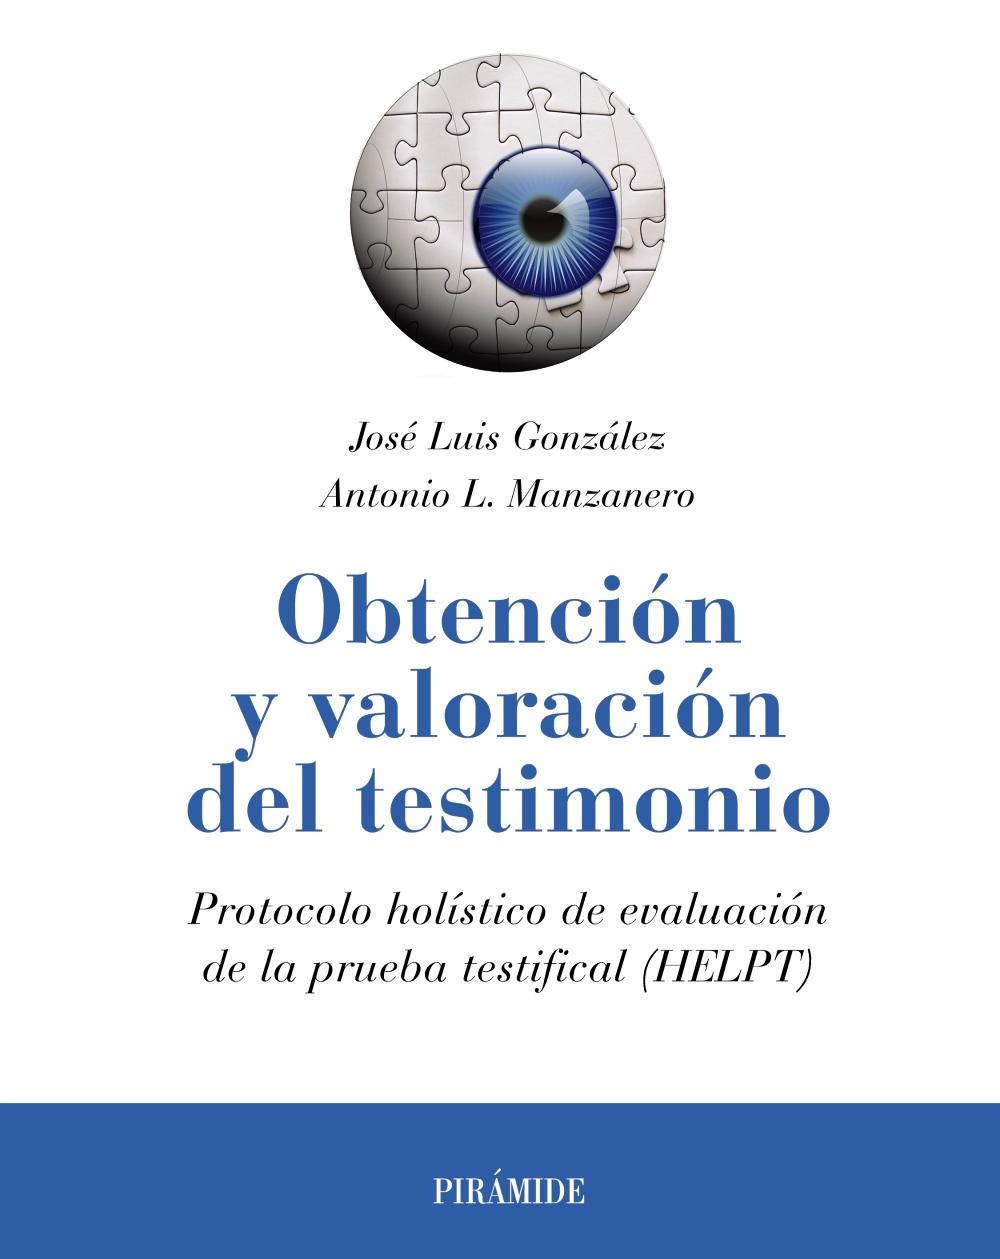 obtencion y valoracion del testimonio: protocolo holistico de evaluacion de la prueba testifica (helpt)-jose luis gonzalez-antonio lucas manzanero-9788436839289